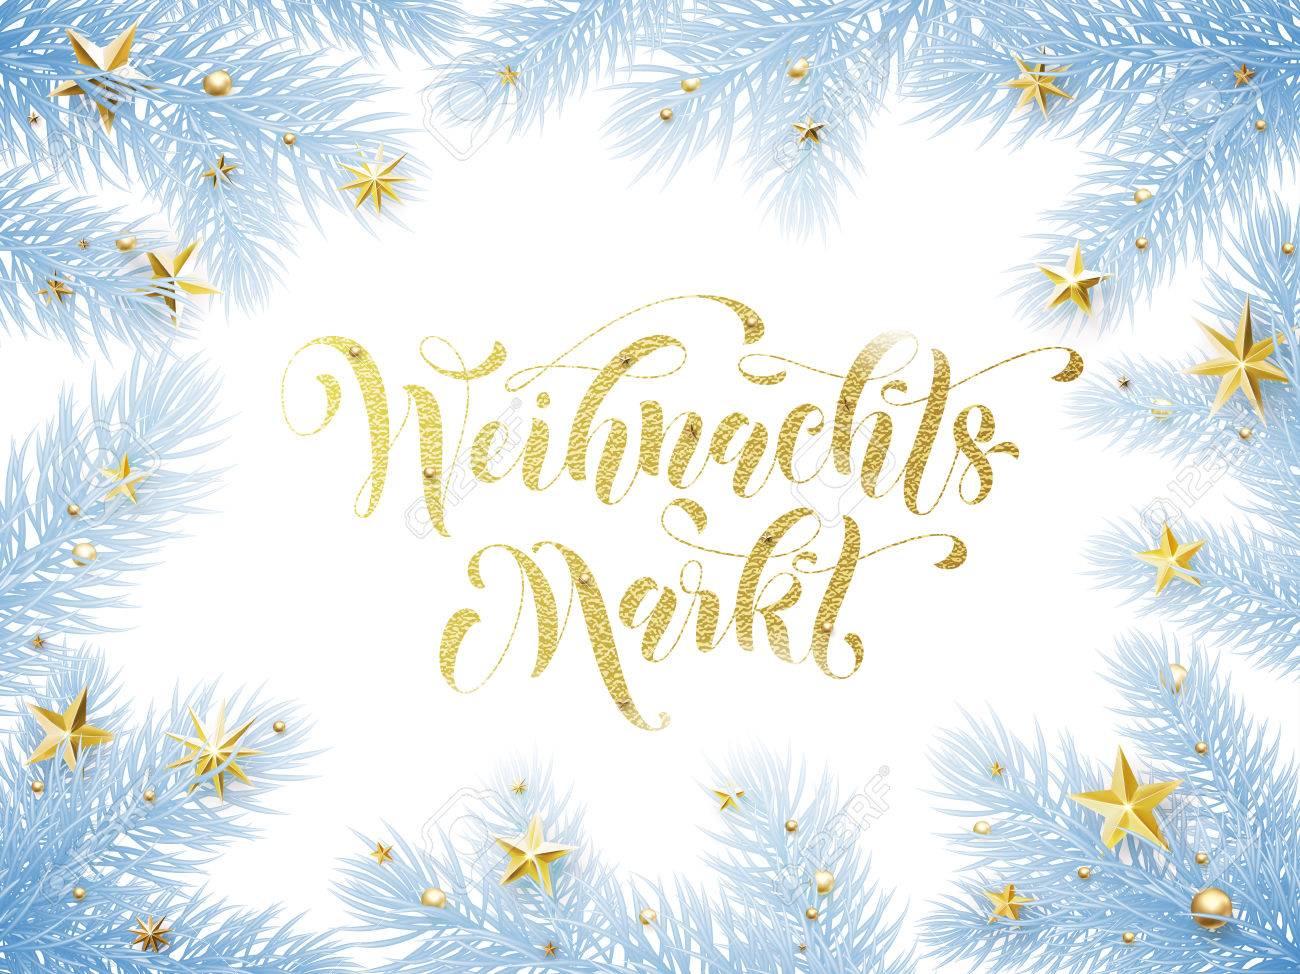 Christmas Sale market German text Weihnachtsmarkt banner  Weihnachten